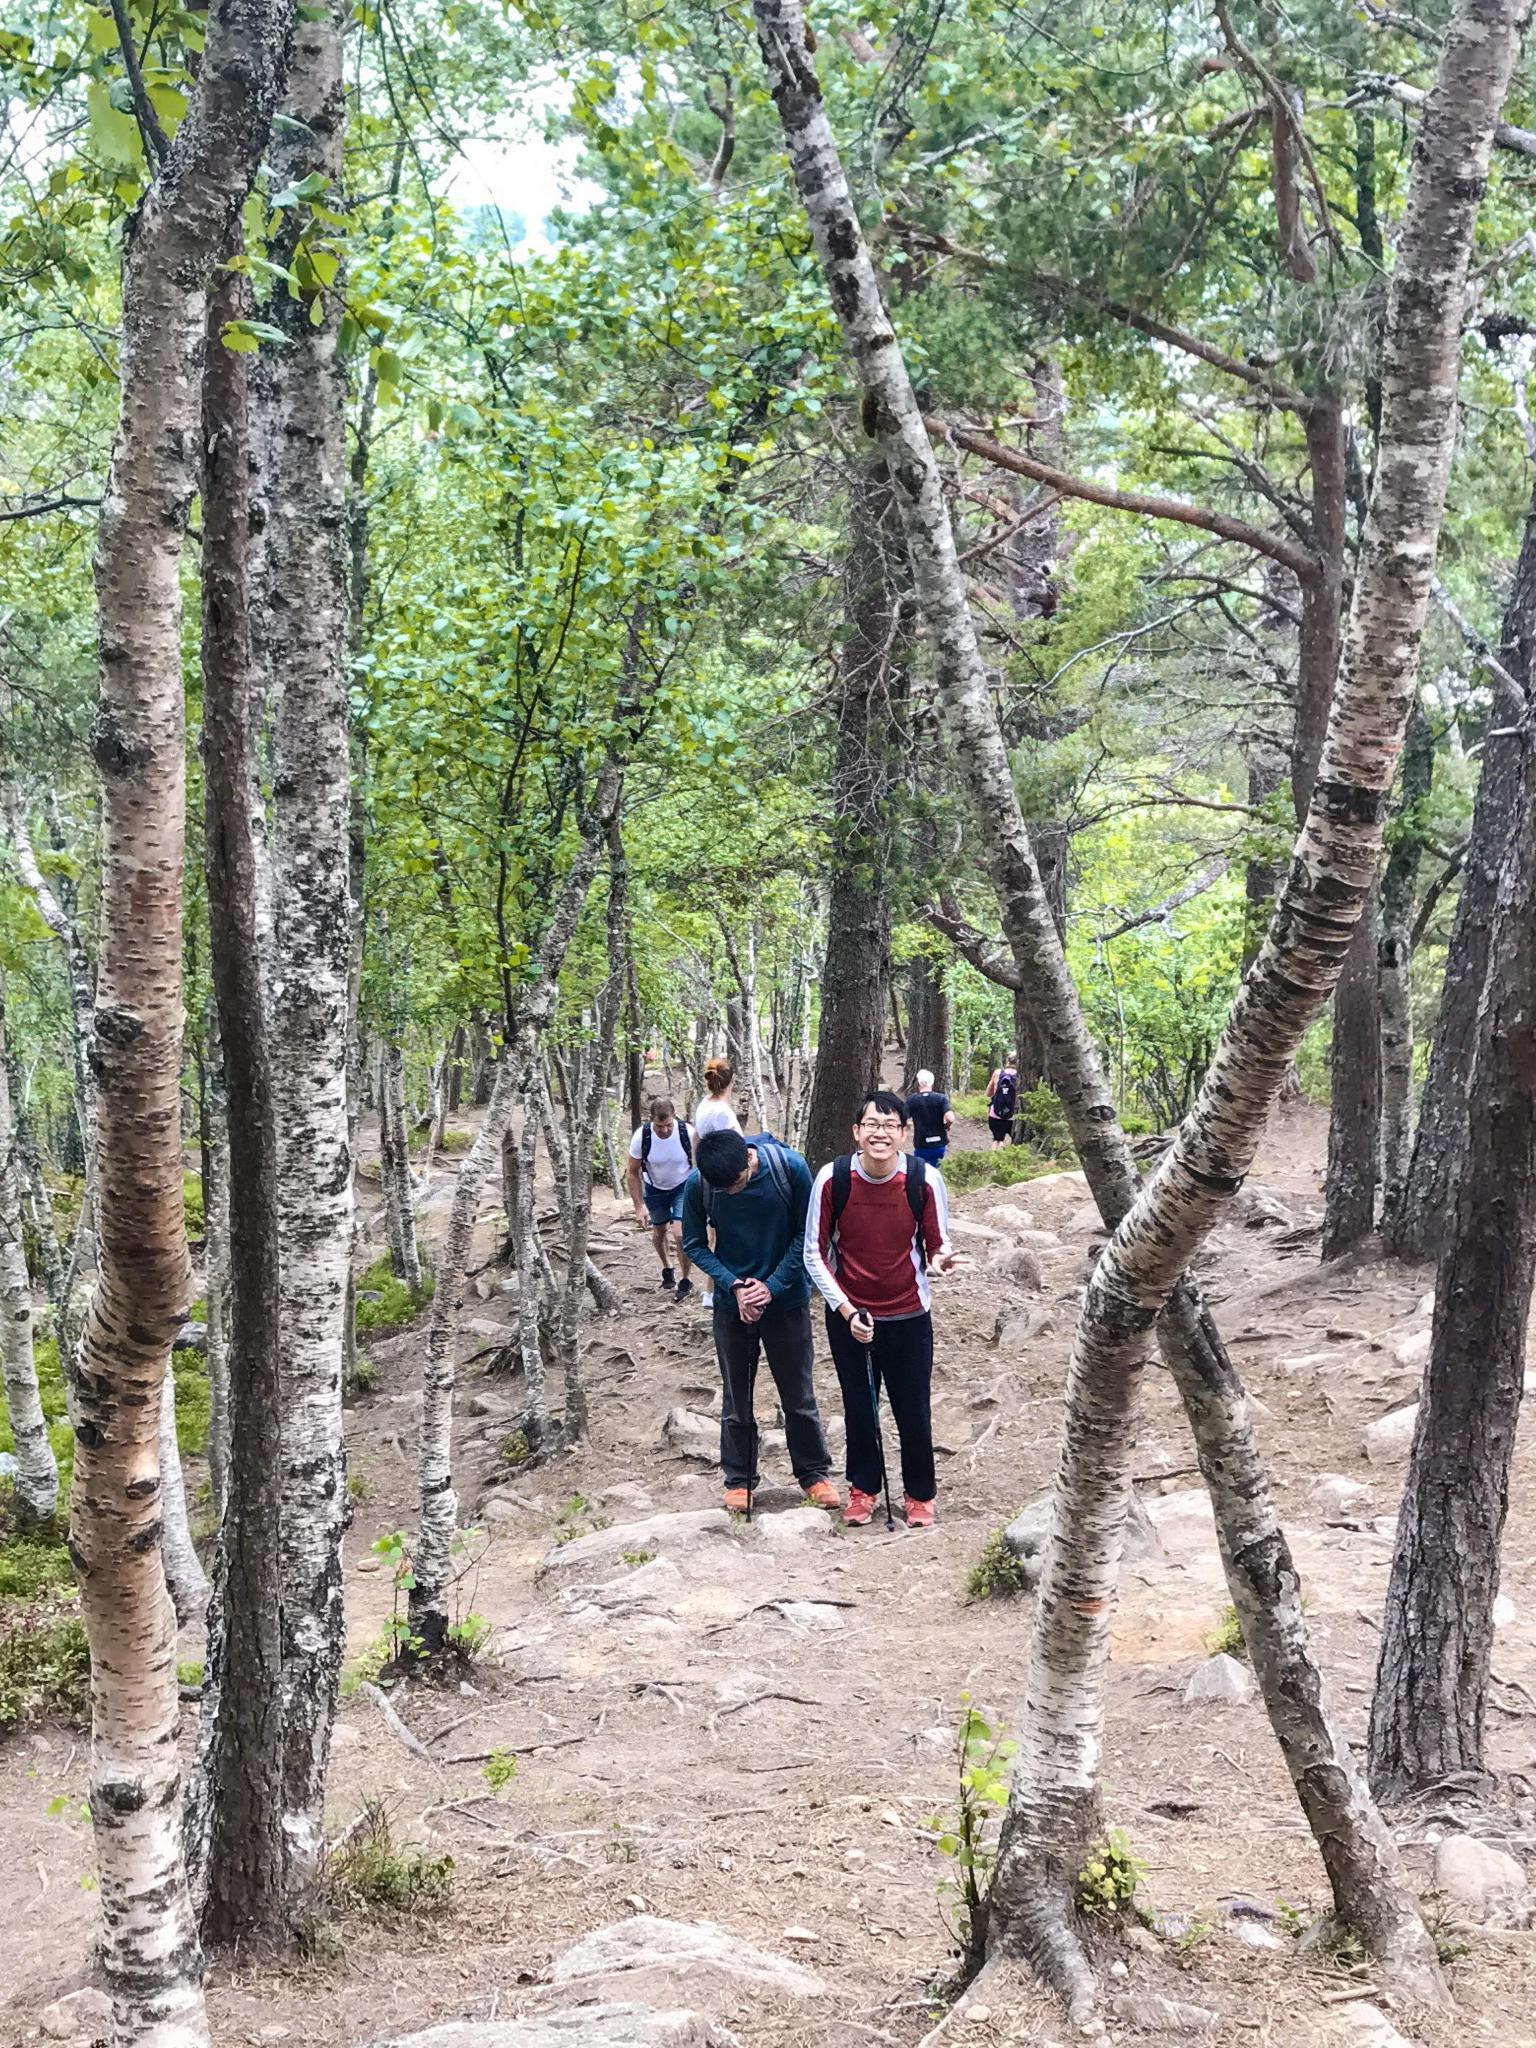 【北歐景點】峽灣區起點Åndalsnes健行 - 鳥瞰峽灣全景的Rampestreken觀景台 14